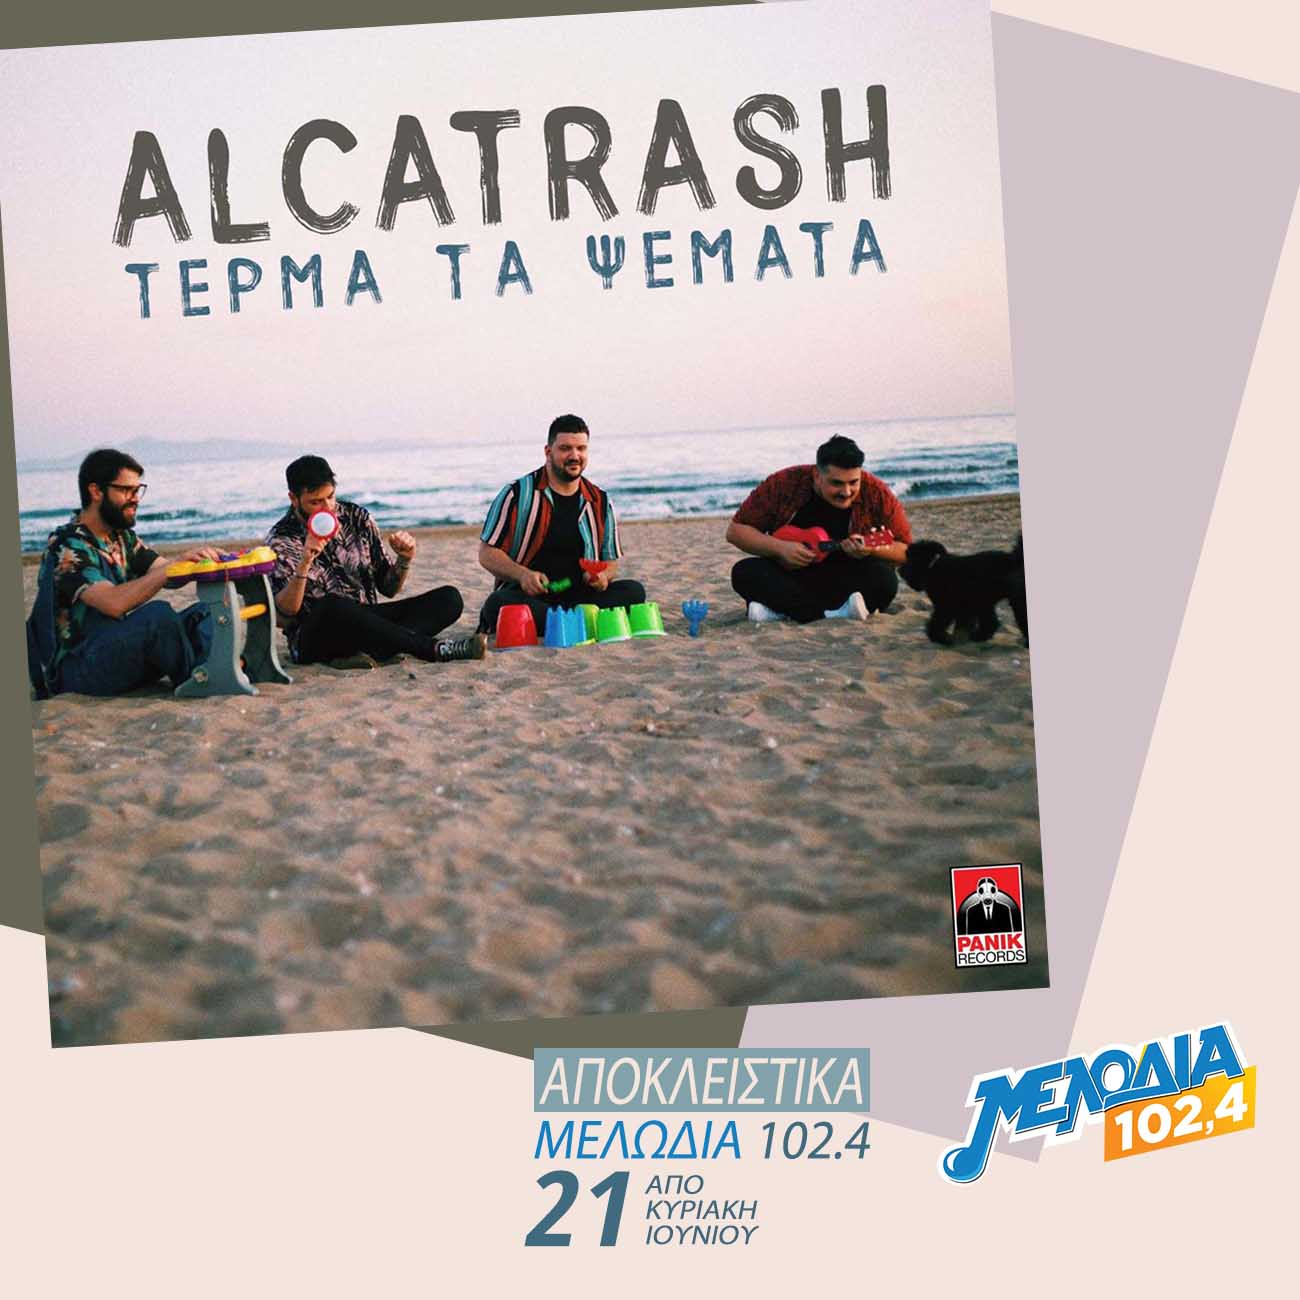 Alcatrash - Τέρμα Τα Ψέματα | Teaser